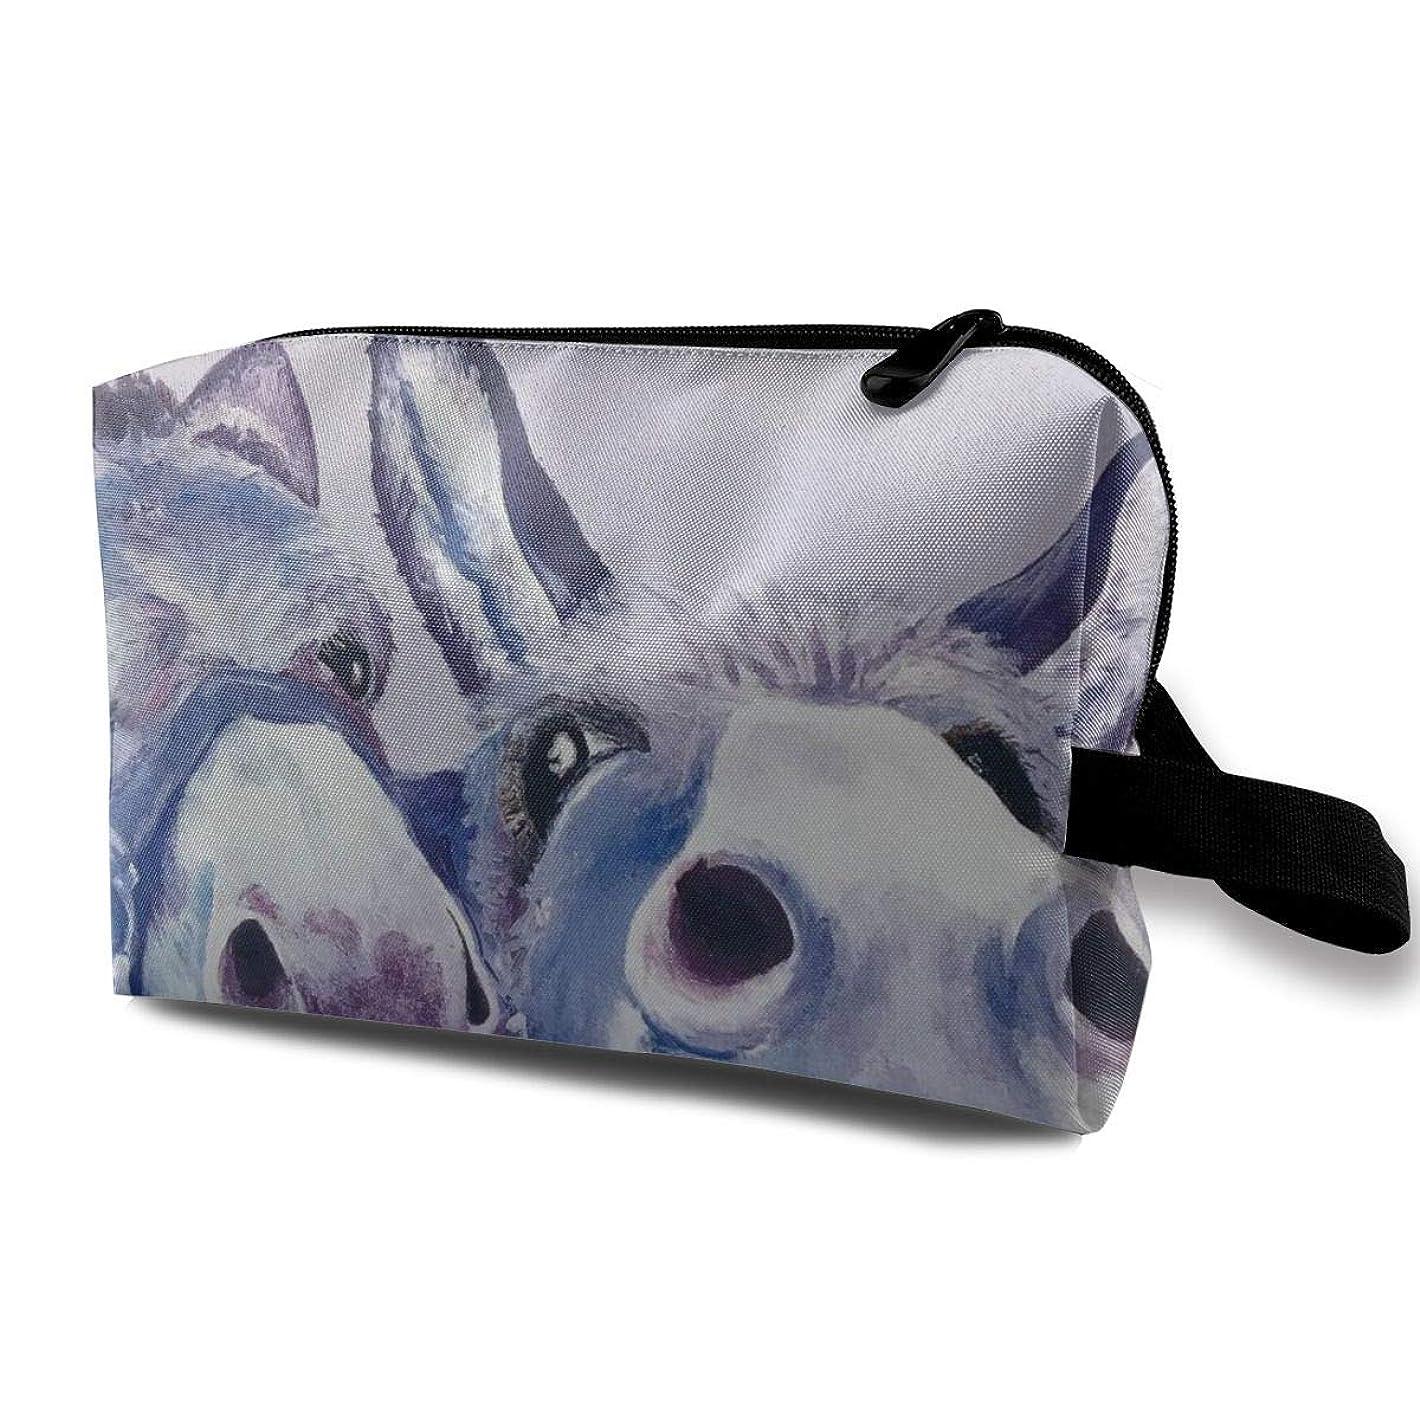 散歩に行くテナントスーツケースMaxpowerful 紫 ロバ 動物の肖像画 農家 ギフト 化粧ポーチ コスメポーチ 大容量 おしゃれ 化粧品収納 防水 機能的 メイクポーチ 旅行 仕切り 高級感 小物入れ